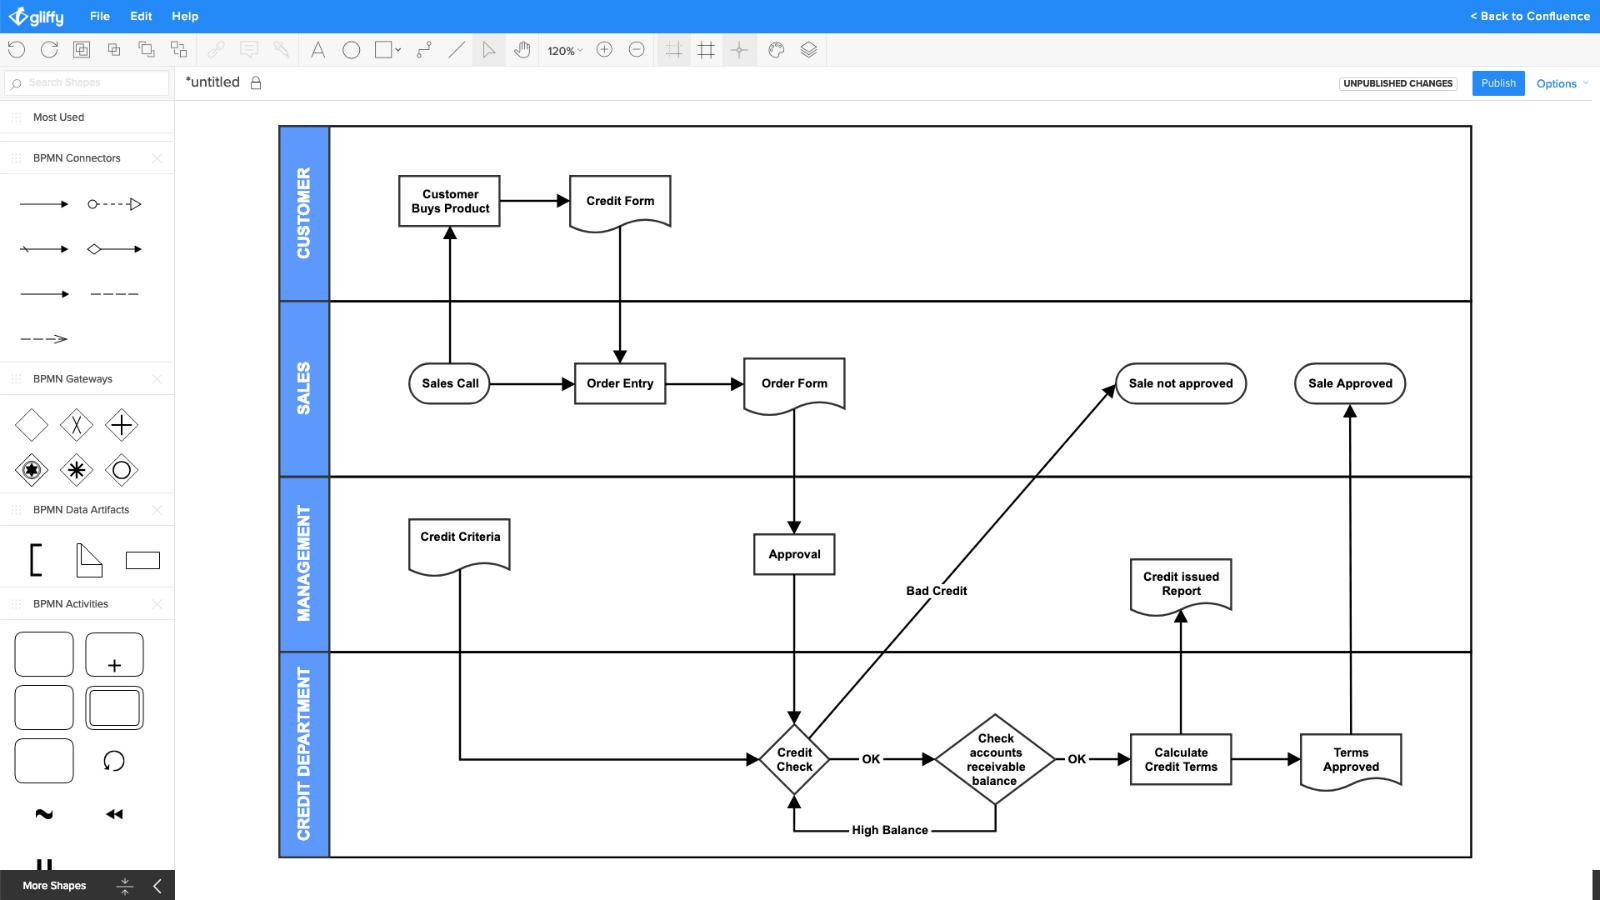 Amostra de diagrama do processo de transação de eCommerce cortesia do gliffy